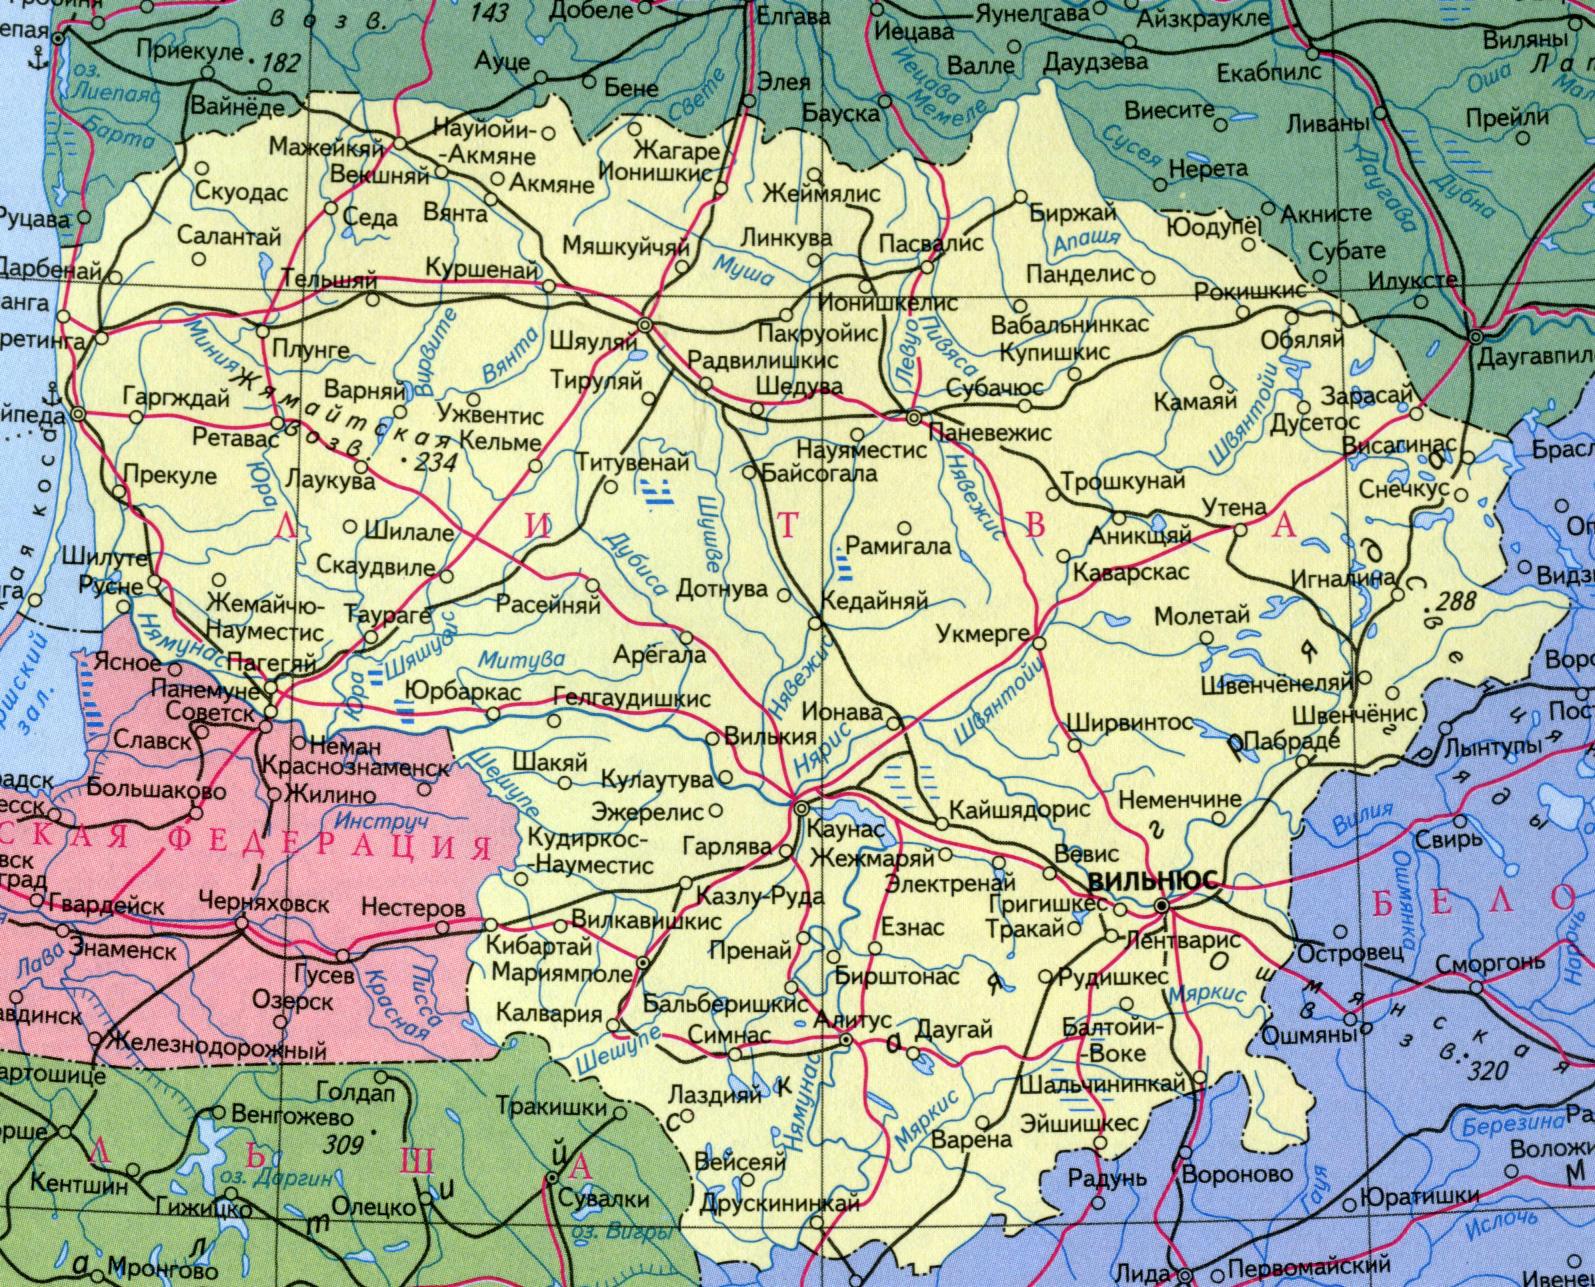 Gps Карта Европы